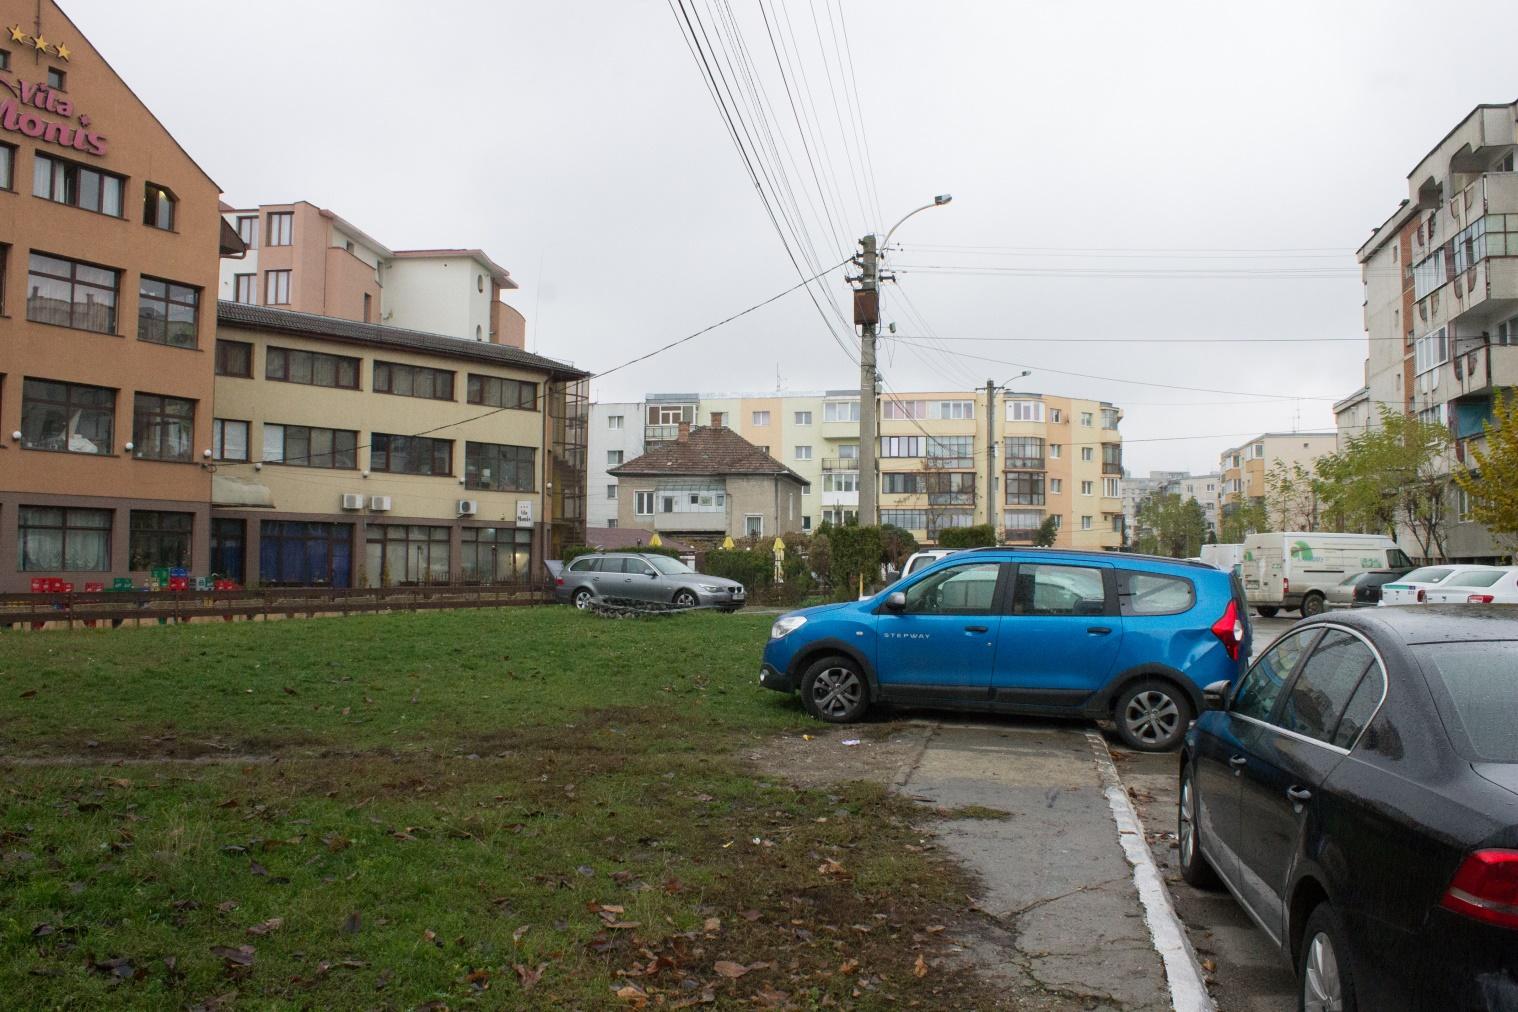 Una din problemele semnalată de locuitorii din zonă: spațiul verde și cel destinat copiilor ocupat mereu de mașini.